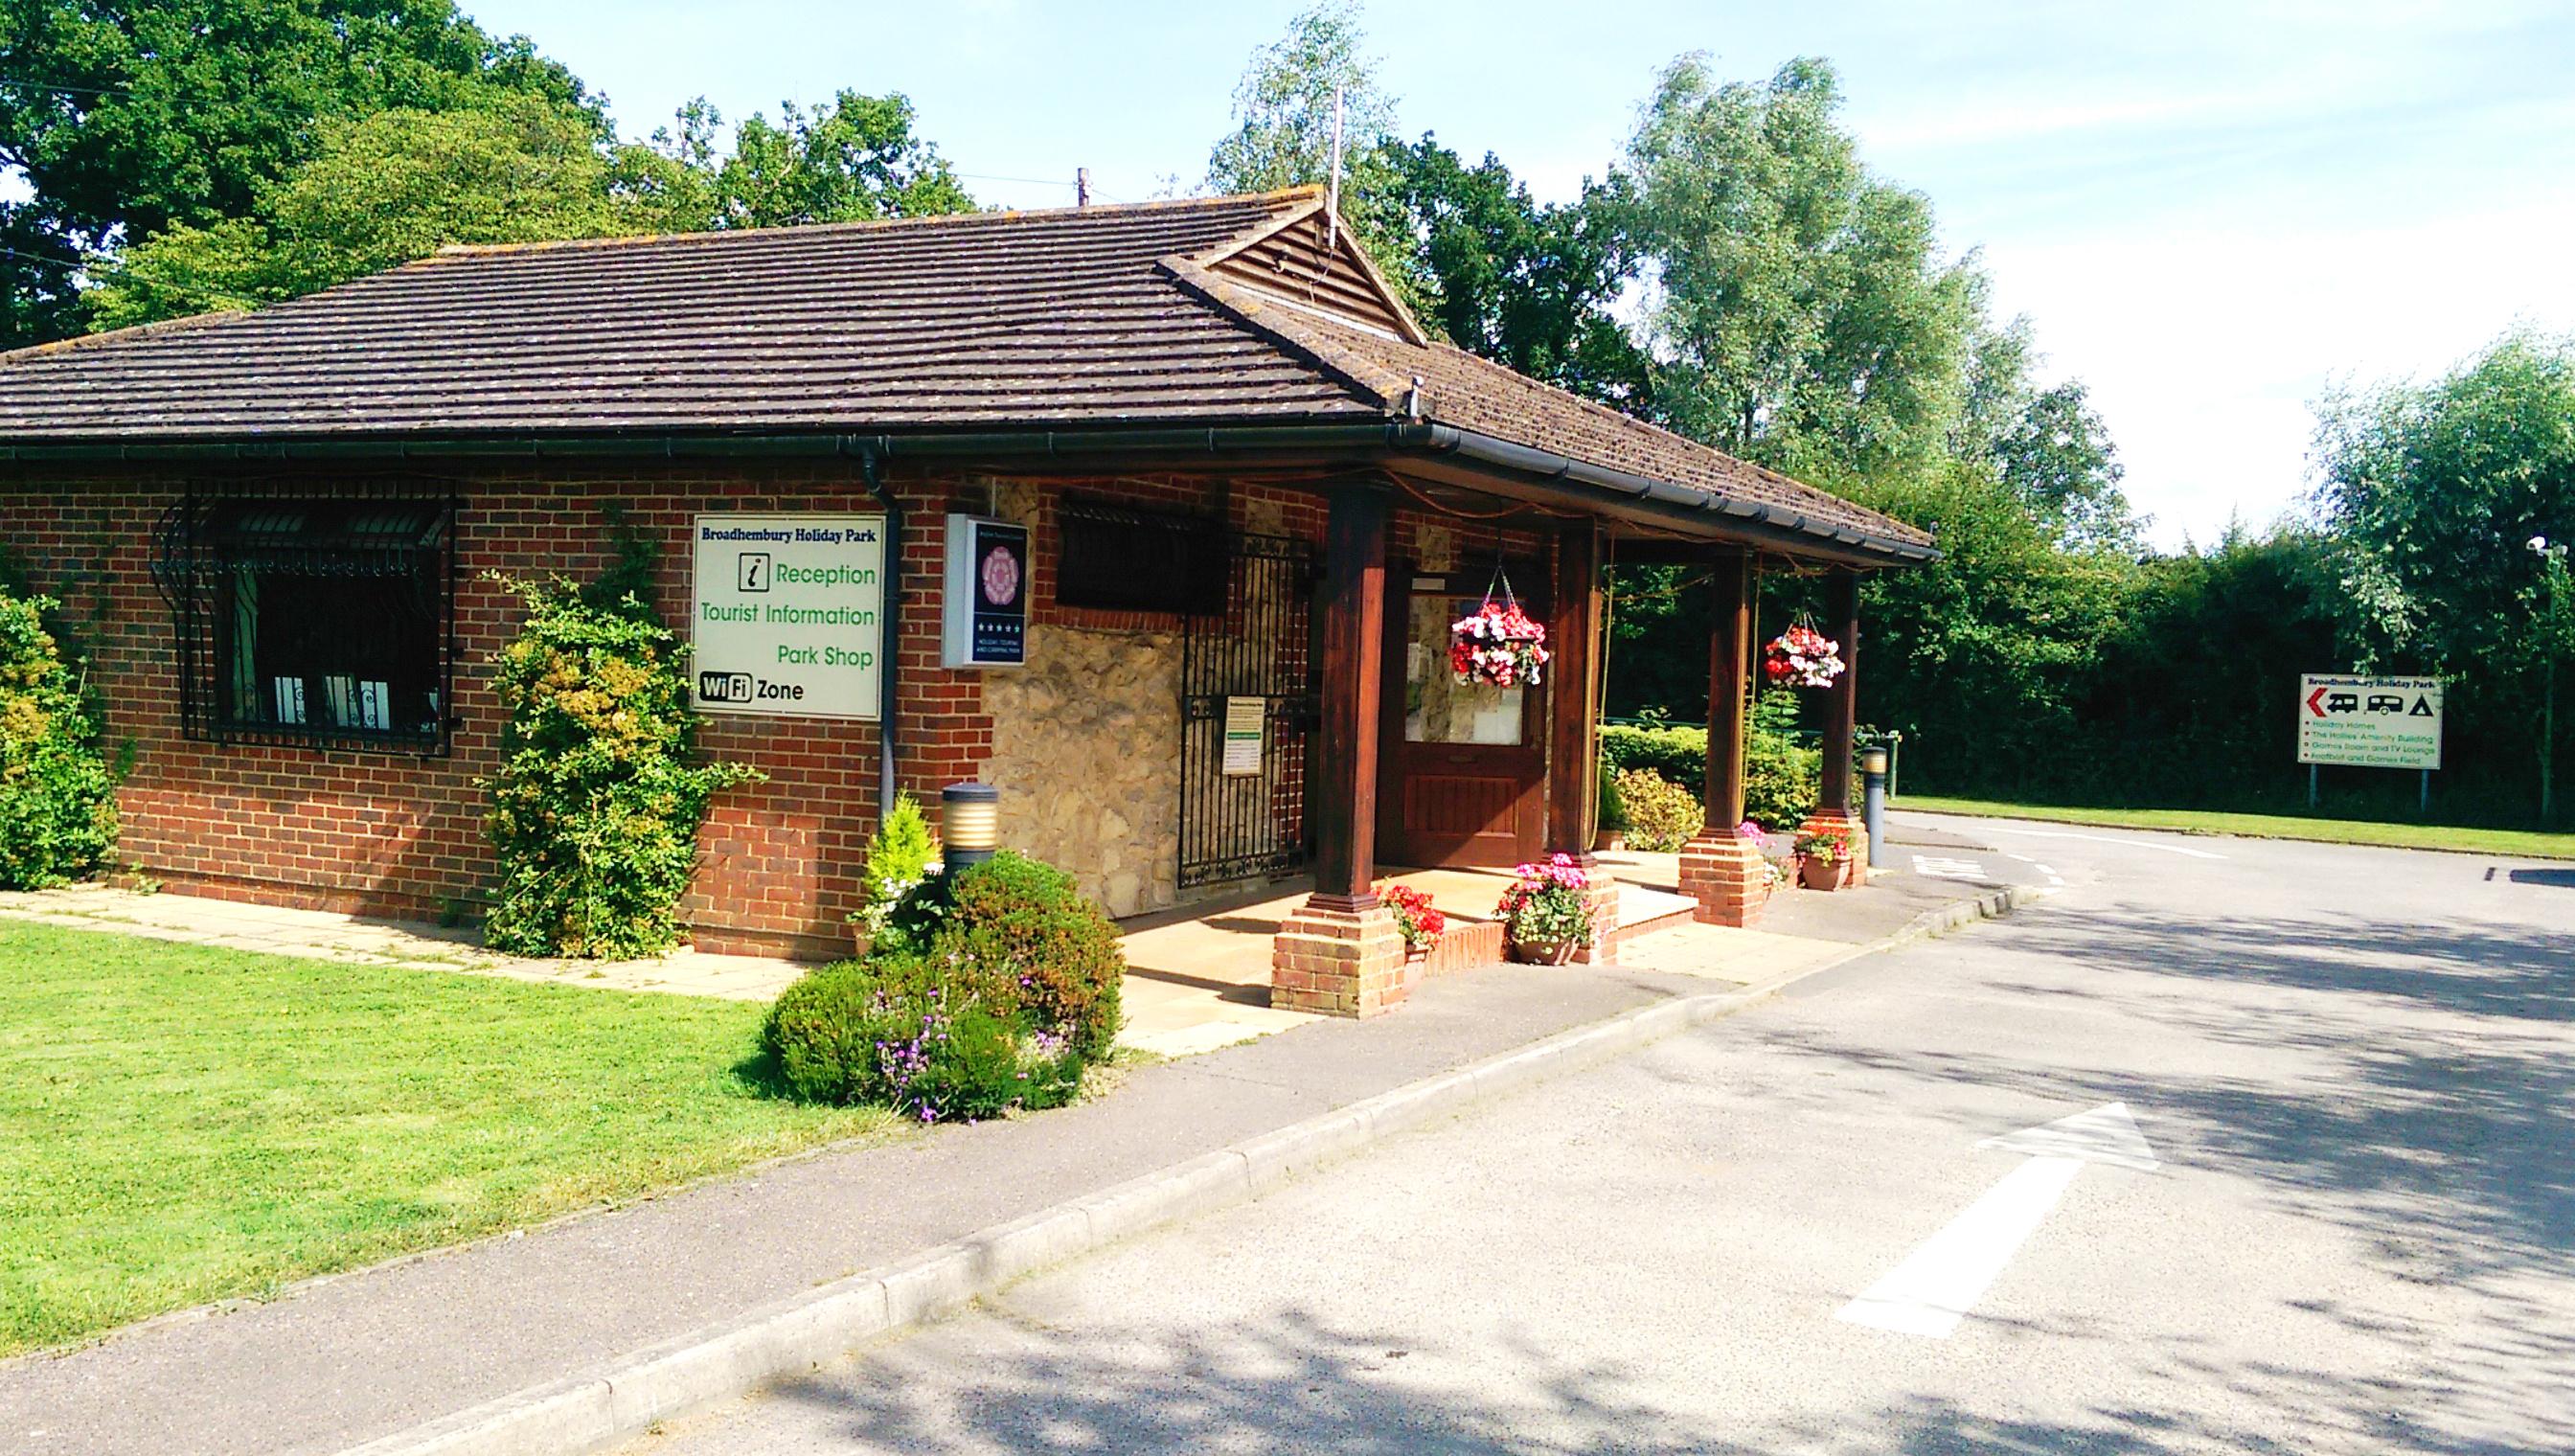 About Broadhembury, Broadhembury Camping, About us